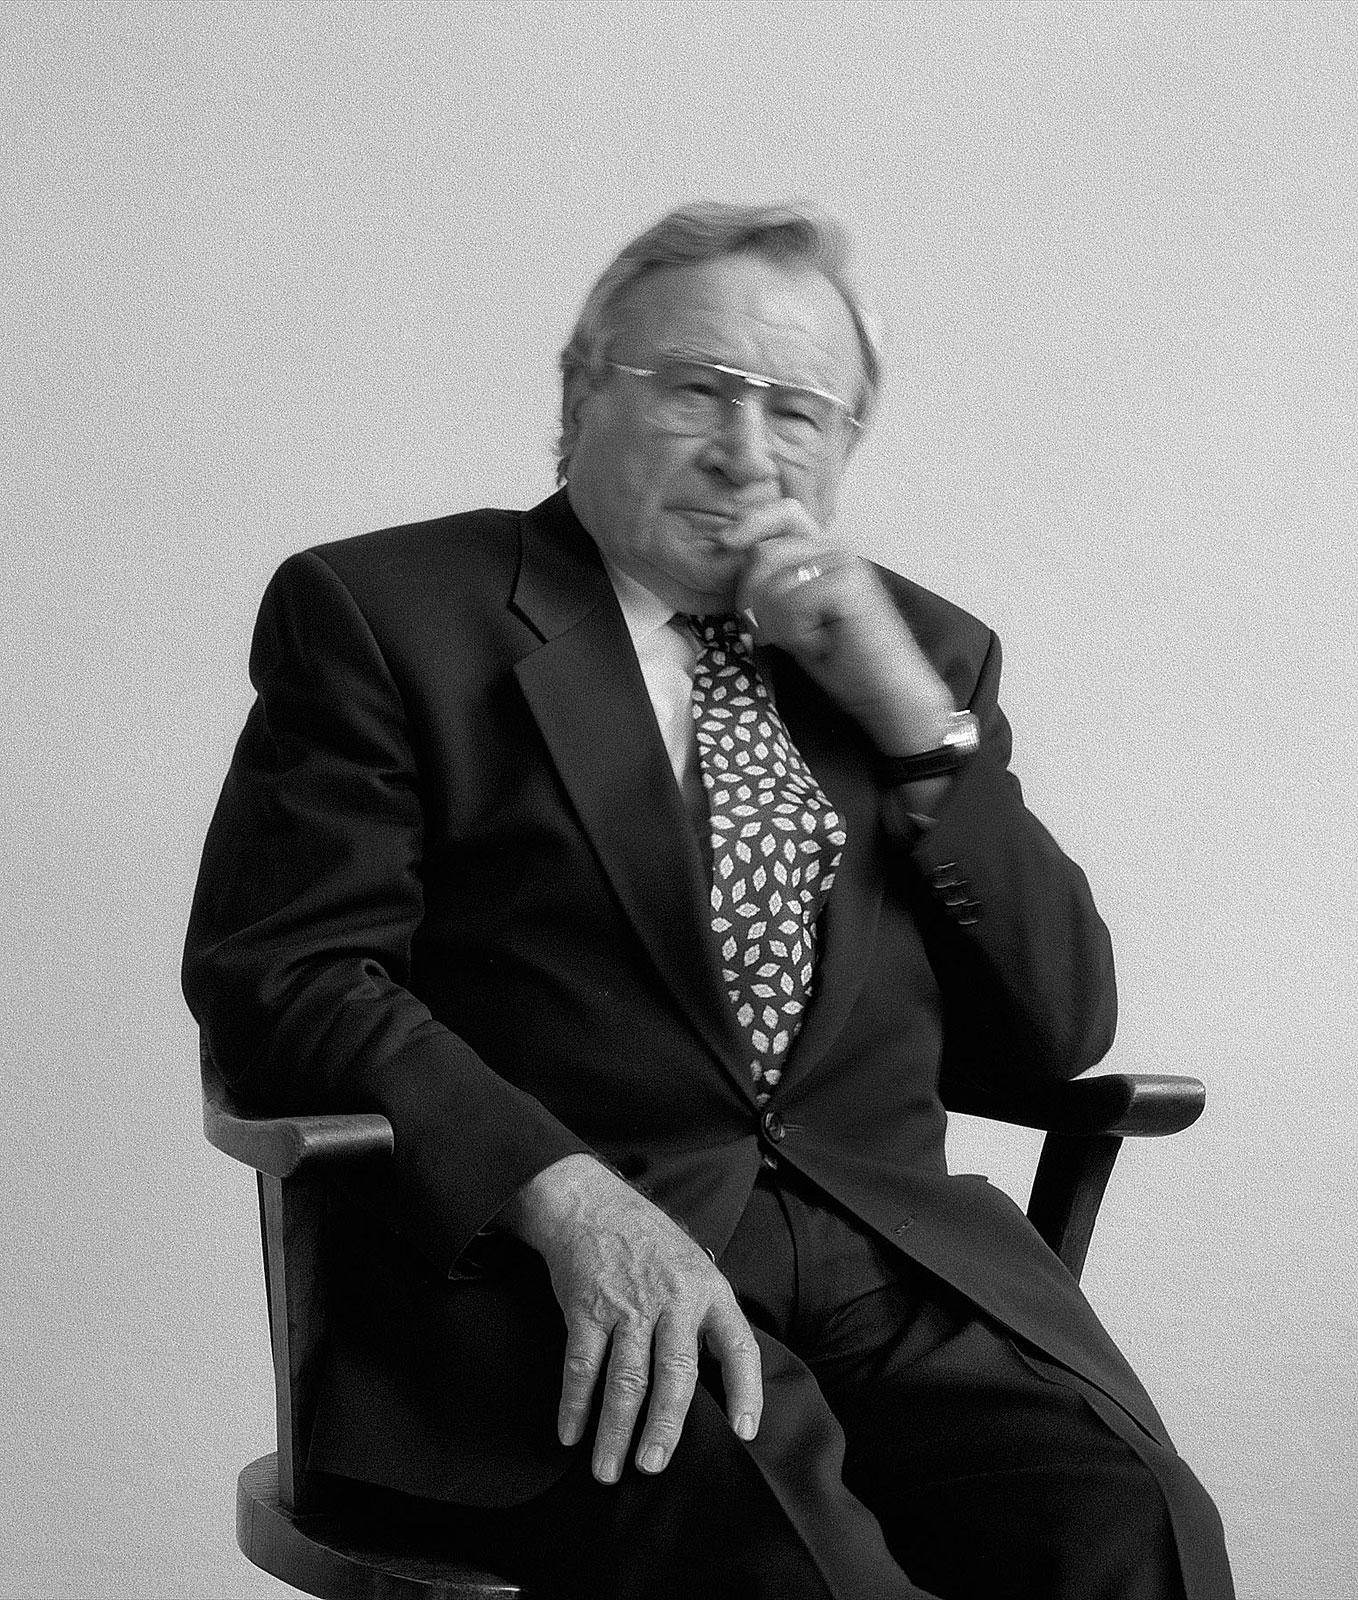 Artur Fischer (14.10 - 14.15 Uhr, 26.3.1997)